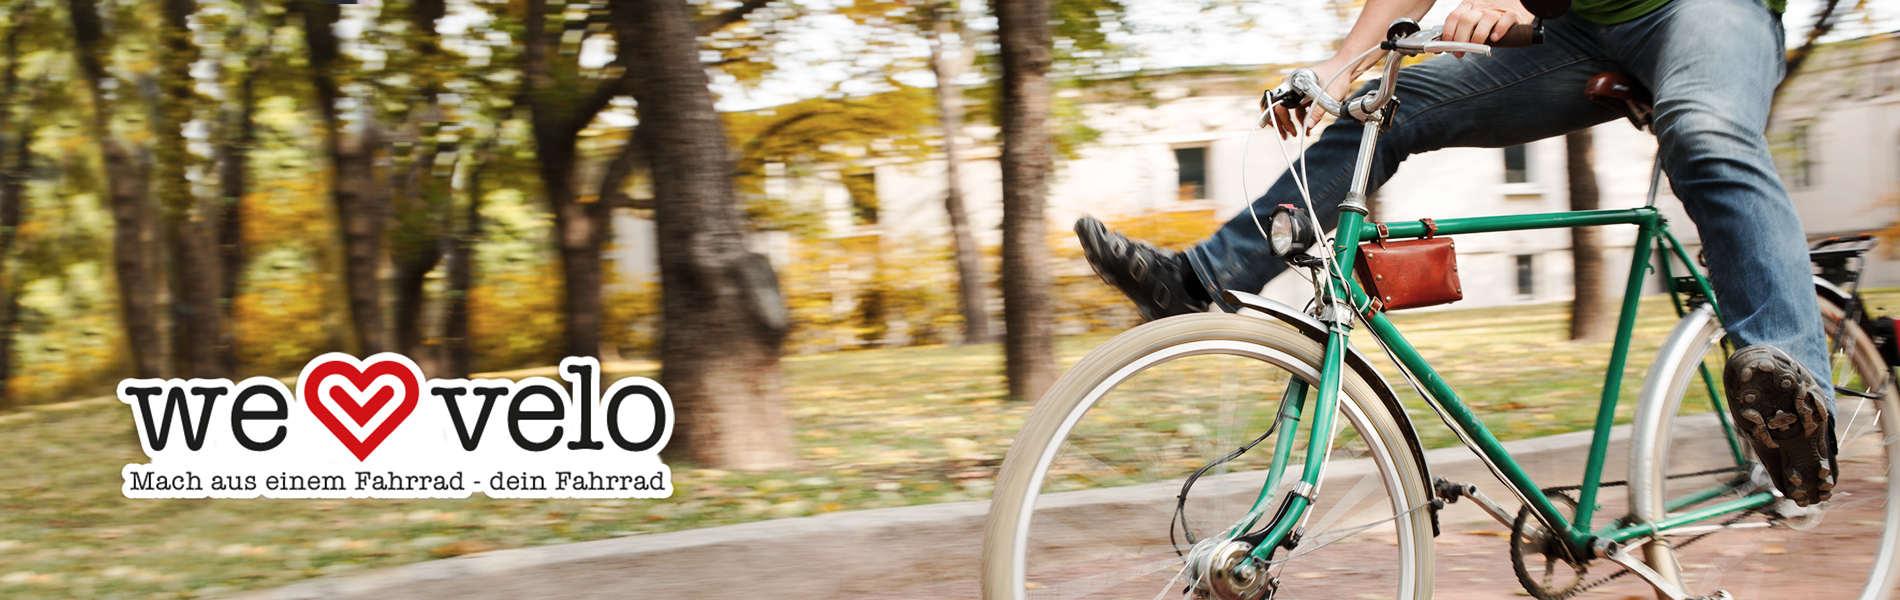 Mach aus einem Fahrrad - Dein Fahrrad!